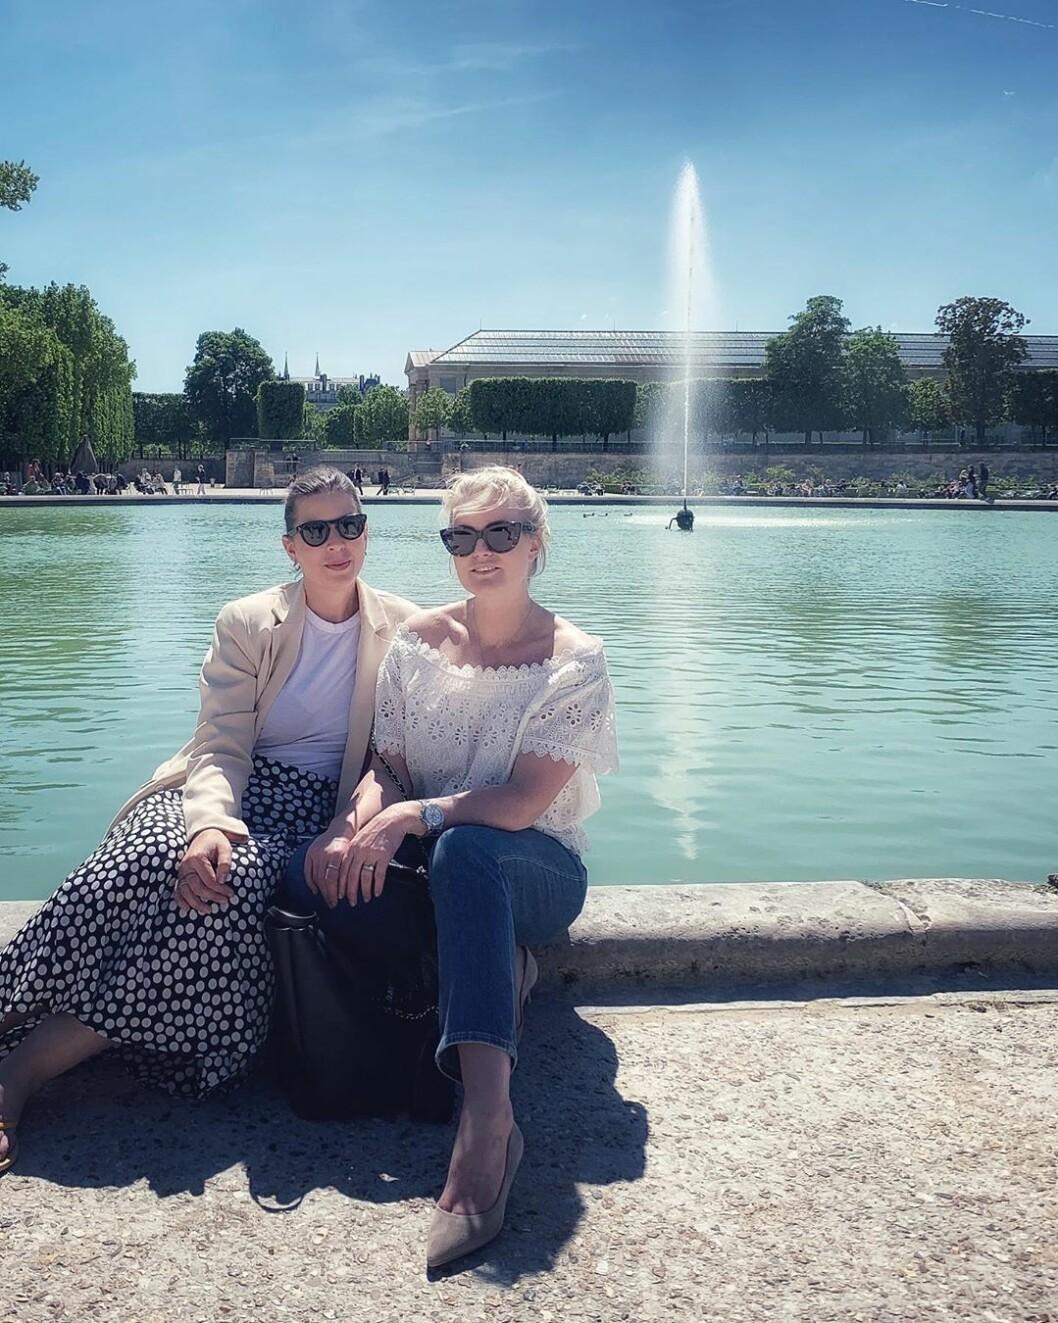 Hej från ett soligt Paris! Emma Unckel och Frida Fahrman på jobbresa med skönhetsmärket Filorga.